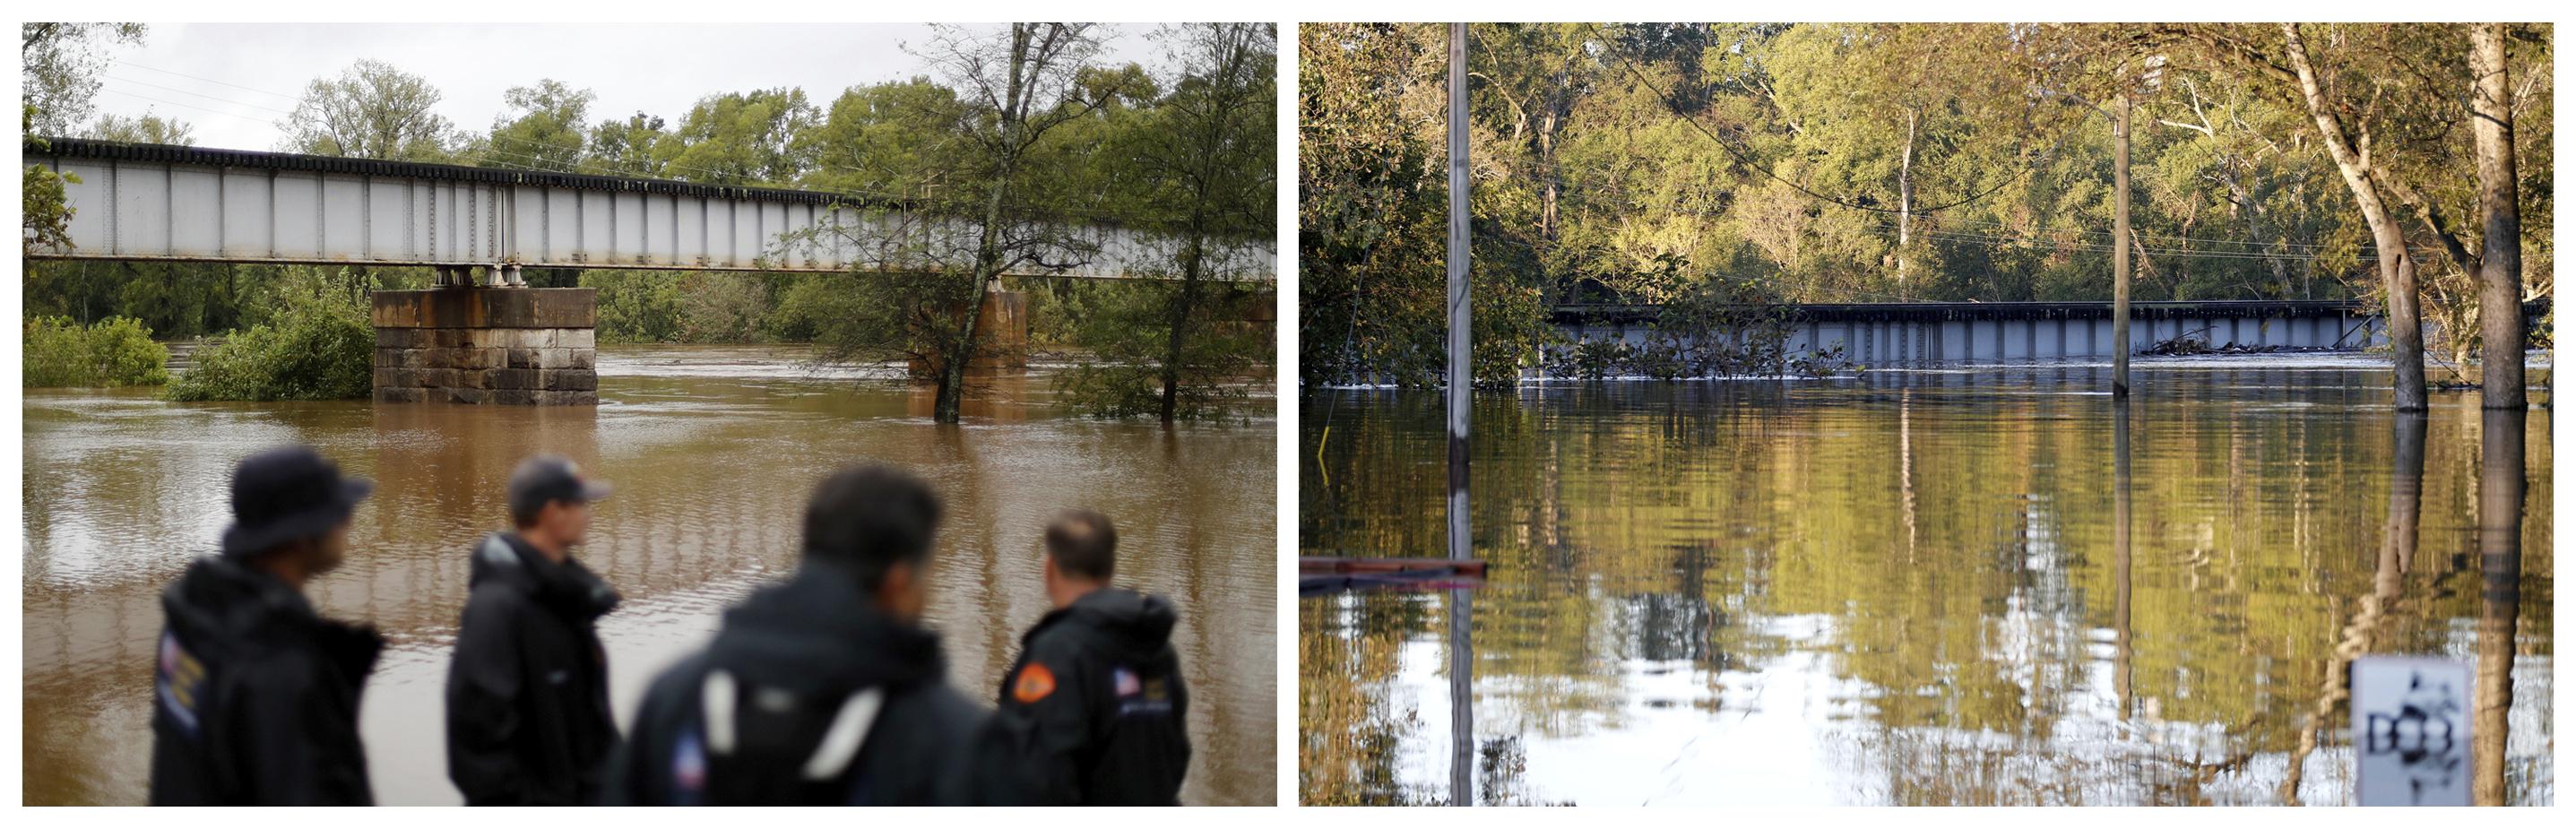 Esta combinación de fotografías muestra al río Cape Fear, el 16 de septiembre de 2018, a la izquierda, y después, el 19 de septiembre, a la derecha, cuando las aguas alcanzaron la parte inferior de un puente tras el paso del huracán Florence, en Fayetteville, Carolina del Norte. (AP Fotos/David Goldman)